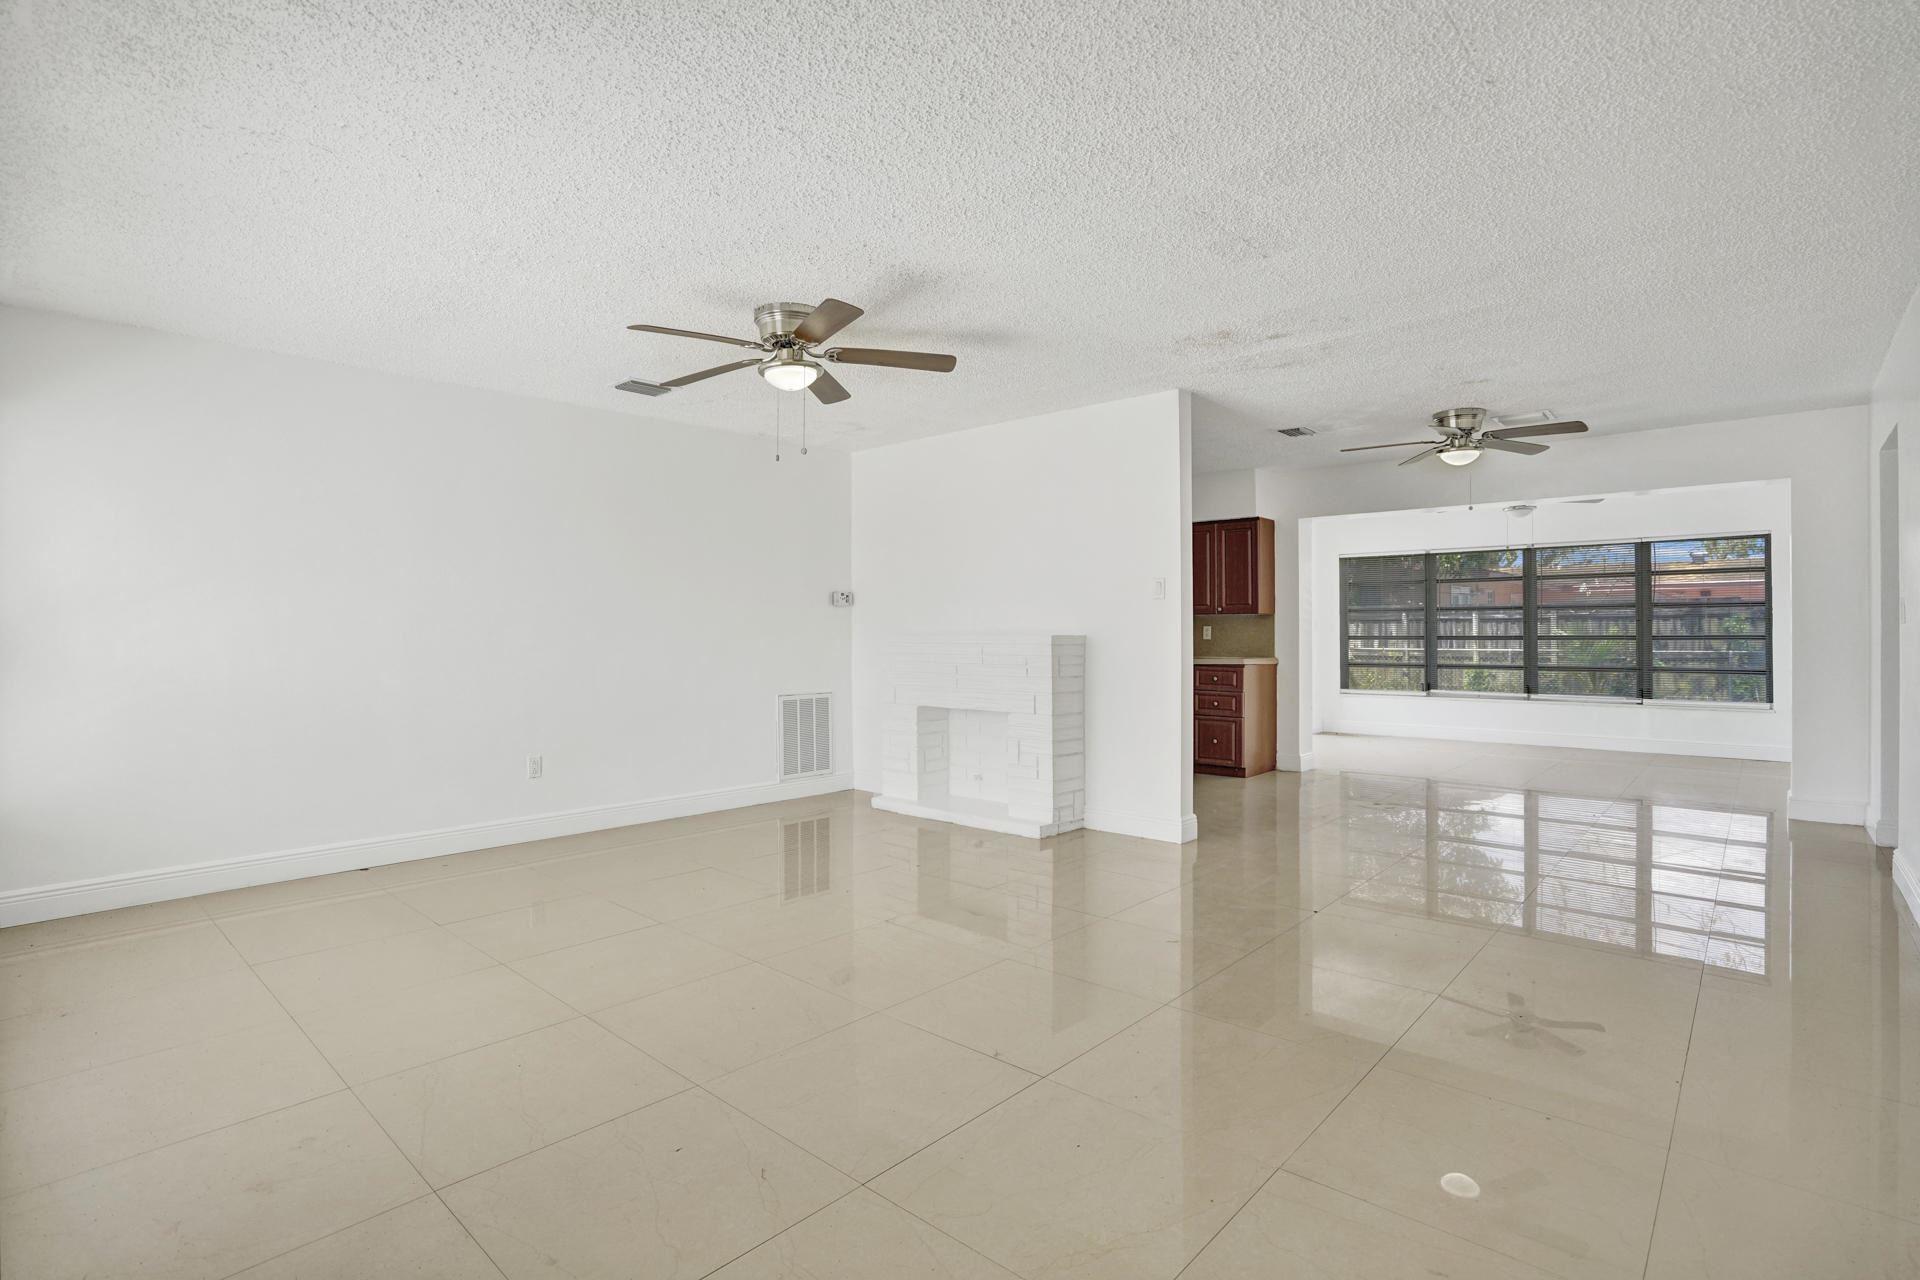 7221 Shalimar Street, Miramar, FL 33023 - #: RX-10644653